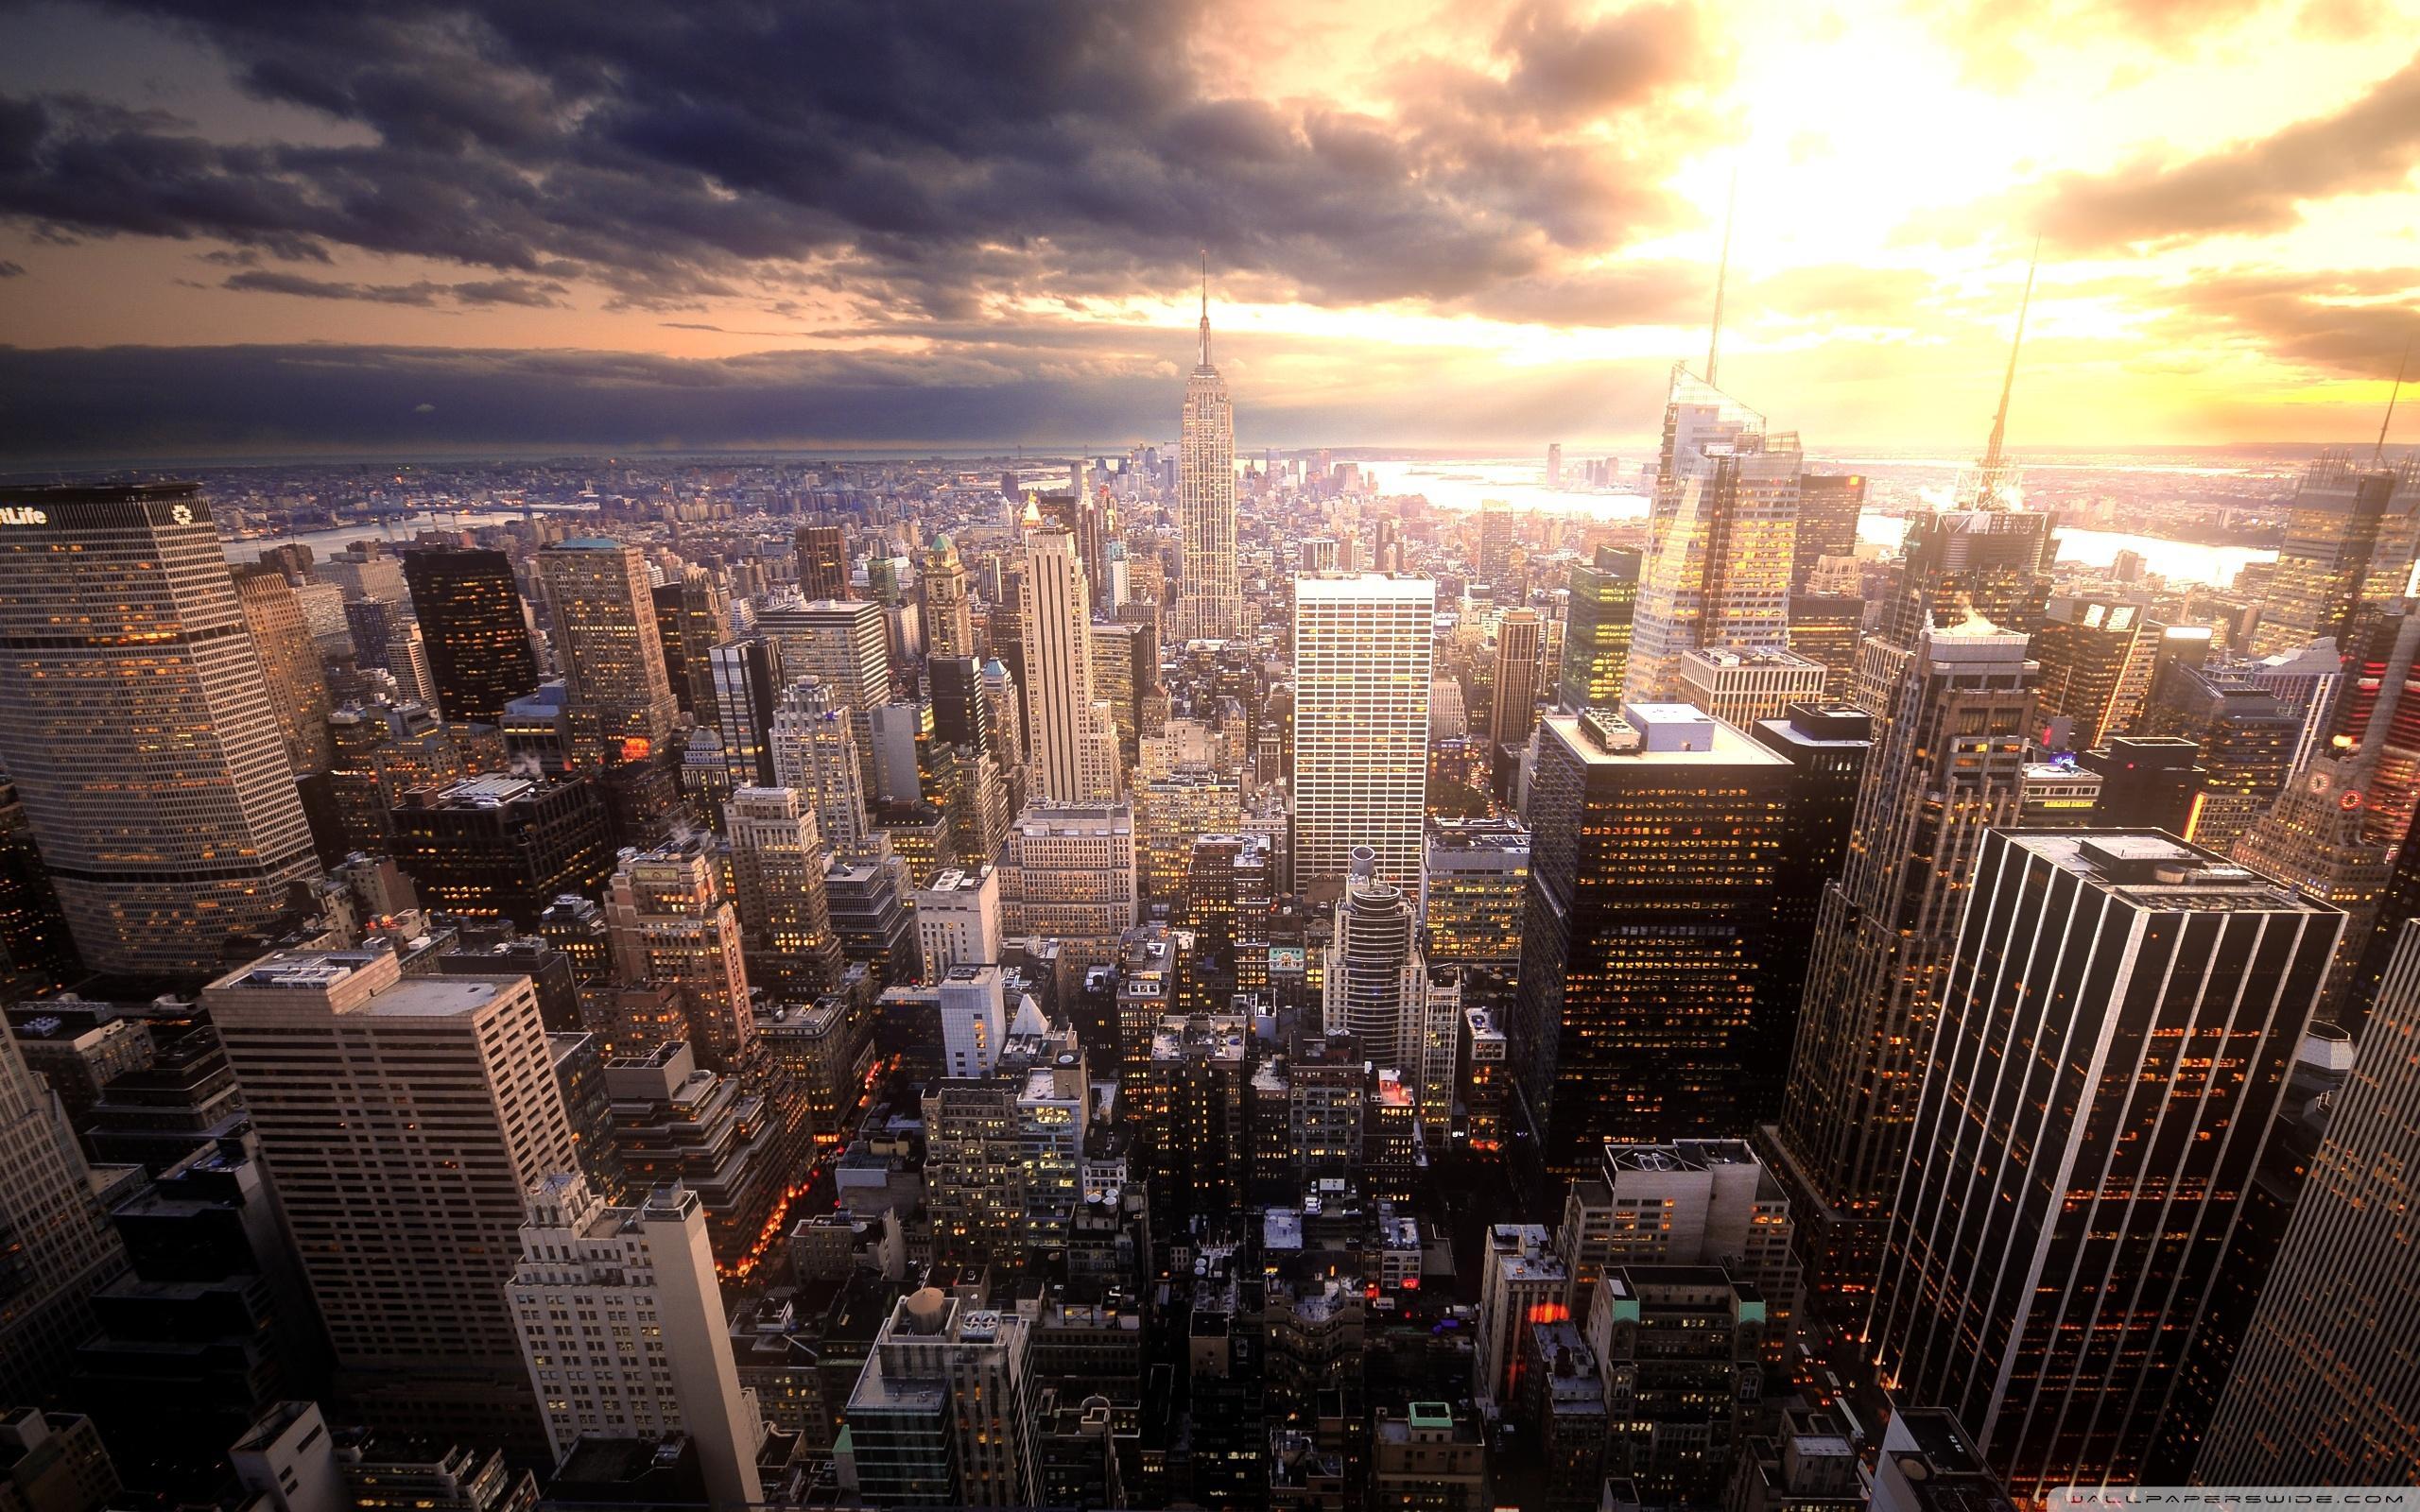 Manhattan Wallpapers Top Free Manhattan Backgrounds Wallpaperaccess